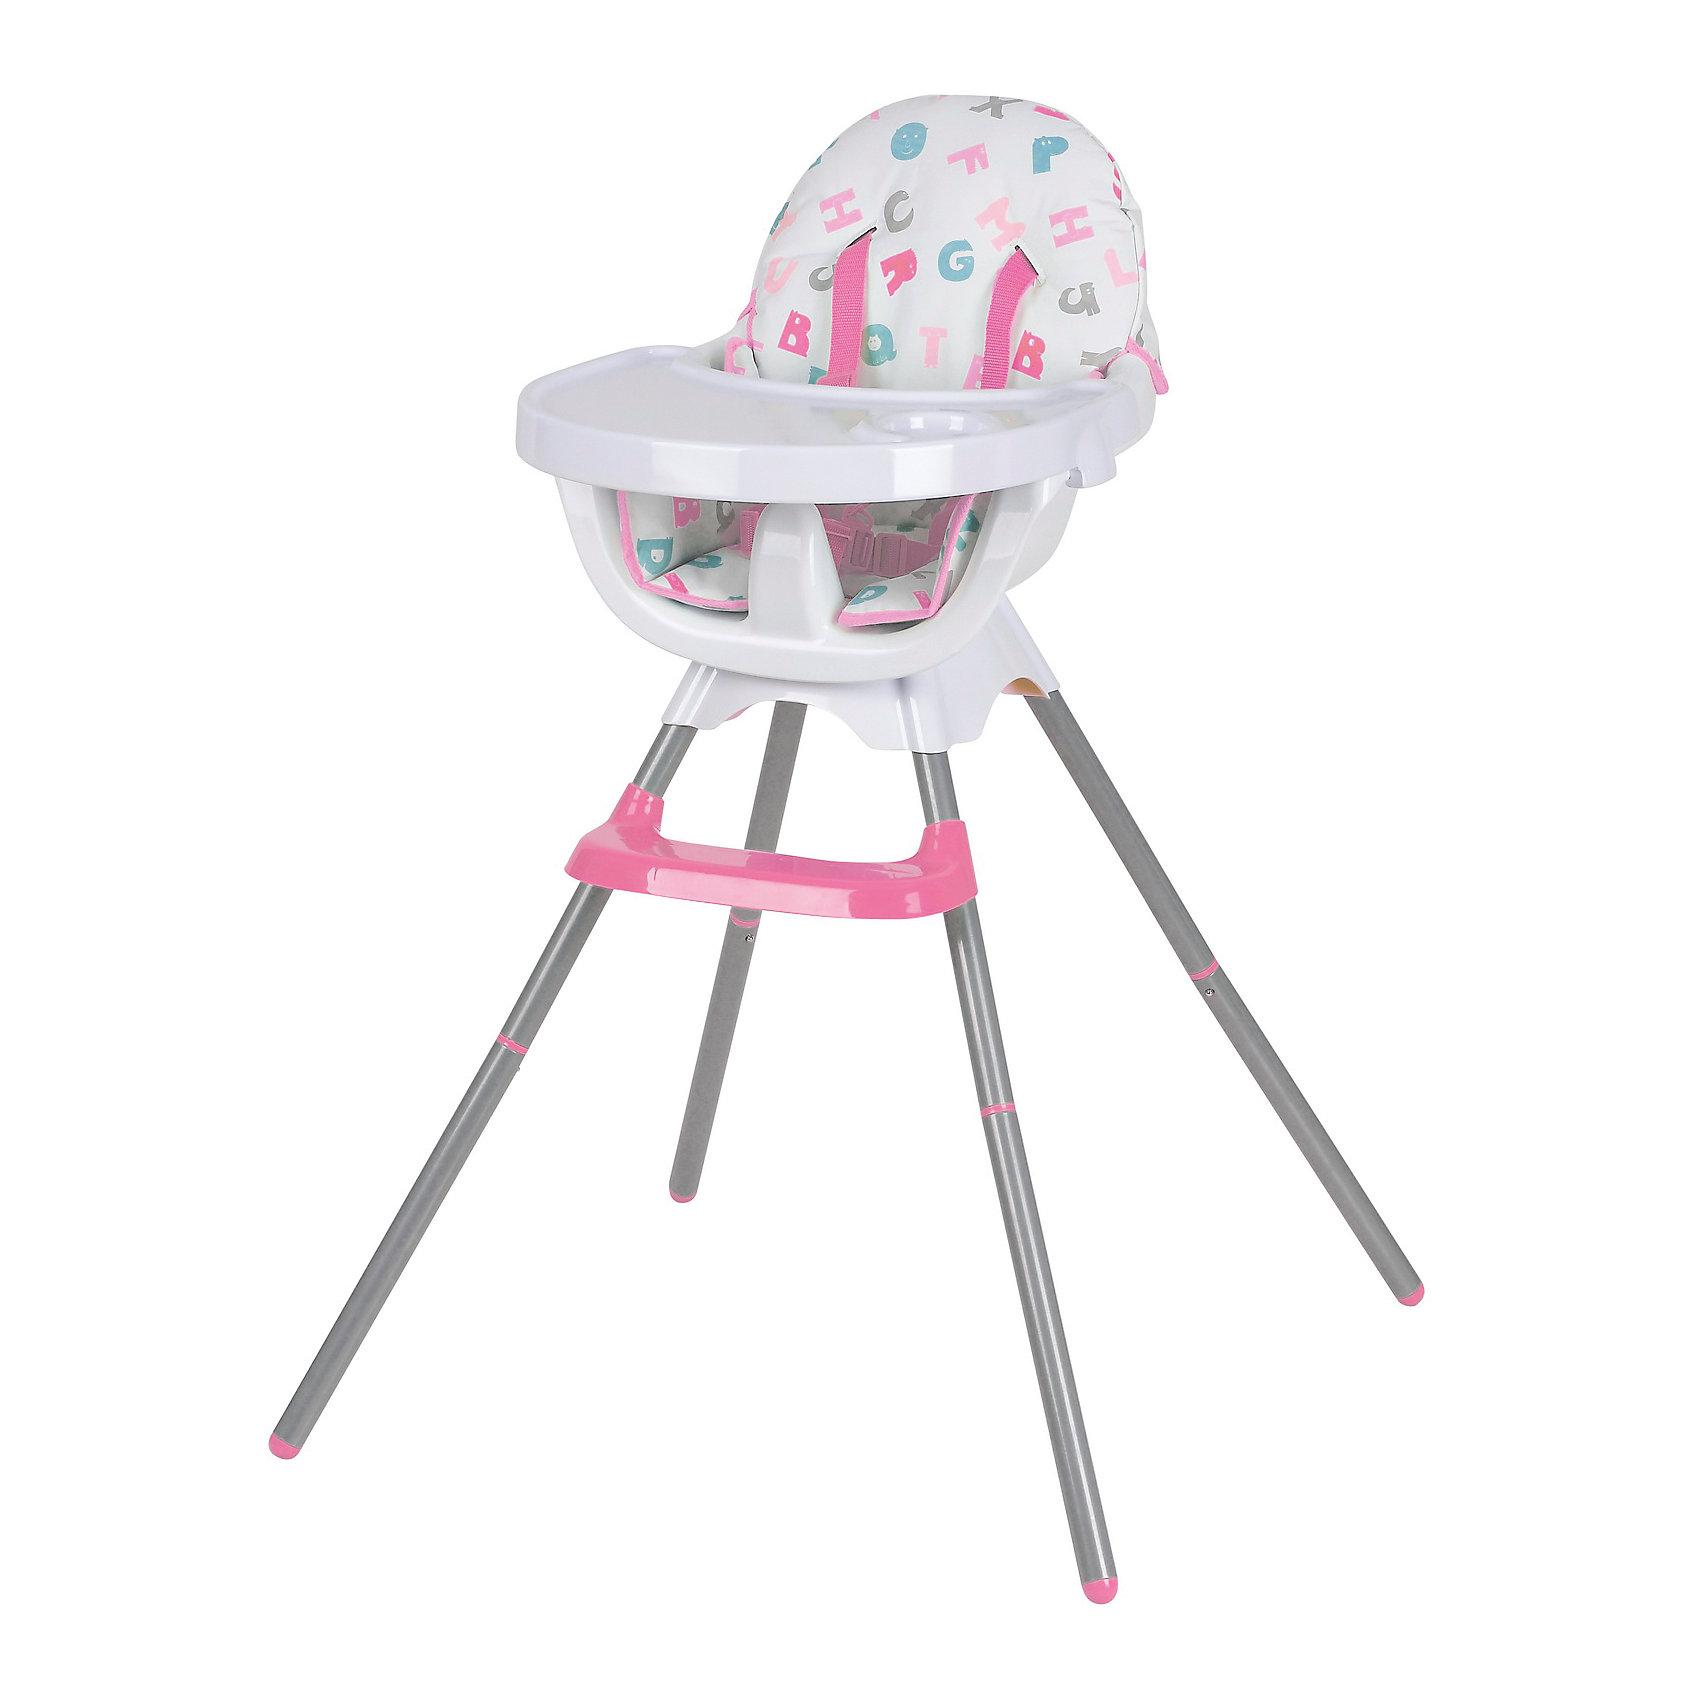 Стульчик для кормления BH-432, Selby, розовыйот +6 месяцев<br>Правильная детская мебель всегда отличается от взрослой, так как производится с учетом строения тела малыша и того, что он быстро растет. Такой стул элементарно складывается или превращается в стульчик-бустер, который прикрепляется к большому стулу для взрослых посредством распорок. Эта модель мало весит и отличается удобством, в ней можно переносить малыша.<br>Изделие легко моется. Легкий пластик отличается прочностью. Все материалы тщательно подобраны специалистами и безопасны для детей.<br><br>Дополнительная информация:<br><br>цвет: розовый;<br>возраст: от полугода;<br>материал: пластик, металл;<br>габариты (разложенный): 68 x 68 х 94 см;<br>вес: 3750 г;<br>превращается в стульчик-бустер;<br>есть стол (можно снять);<br>уровень сидения регулируется в двух положениях;<br>ножки снимаются;<br>5точечный ремень безопасности;<br>подставка для ног.<br><br>Стульчик для кормления BH-432 от компании Selby можно купить в нашем магазине.<br><br>Ширина мм: 940<br>Глубина мм: 680<br>Высота мм: 460<br>Вес г: 4450<br>Возраст от месяцев: 6<br>Возраст до месяцев: 36<br>Пол: Женский<br>Возраст: Детский<br>SKU: 4873602